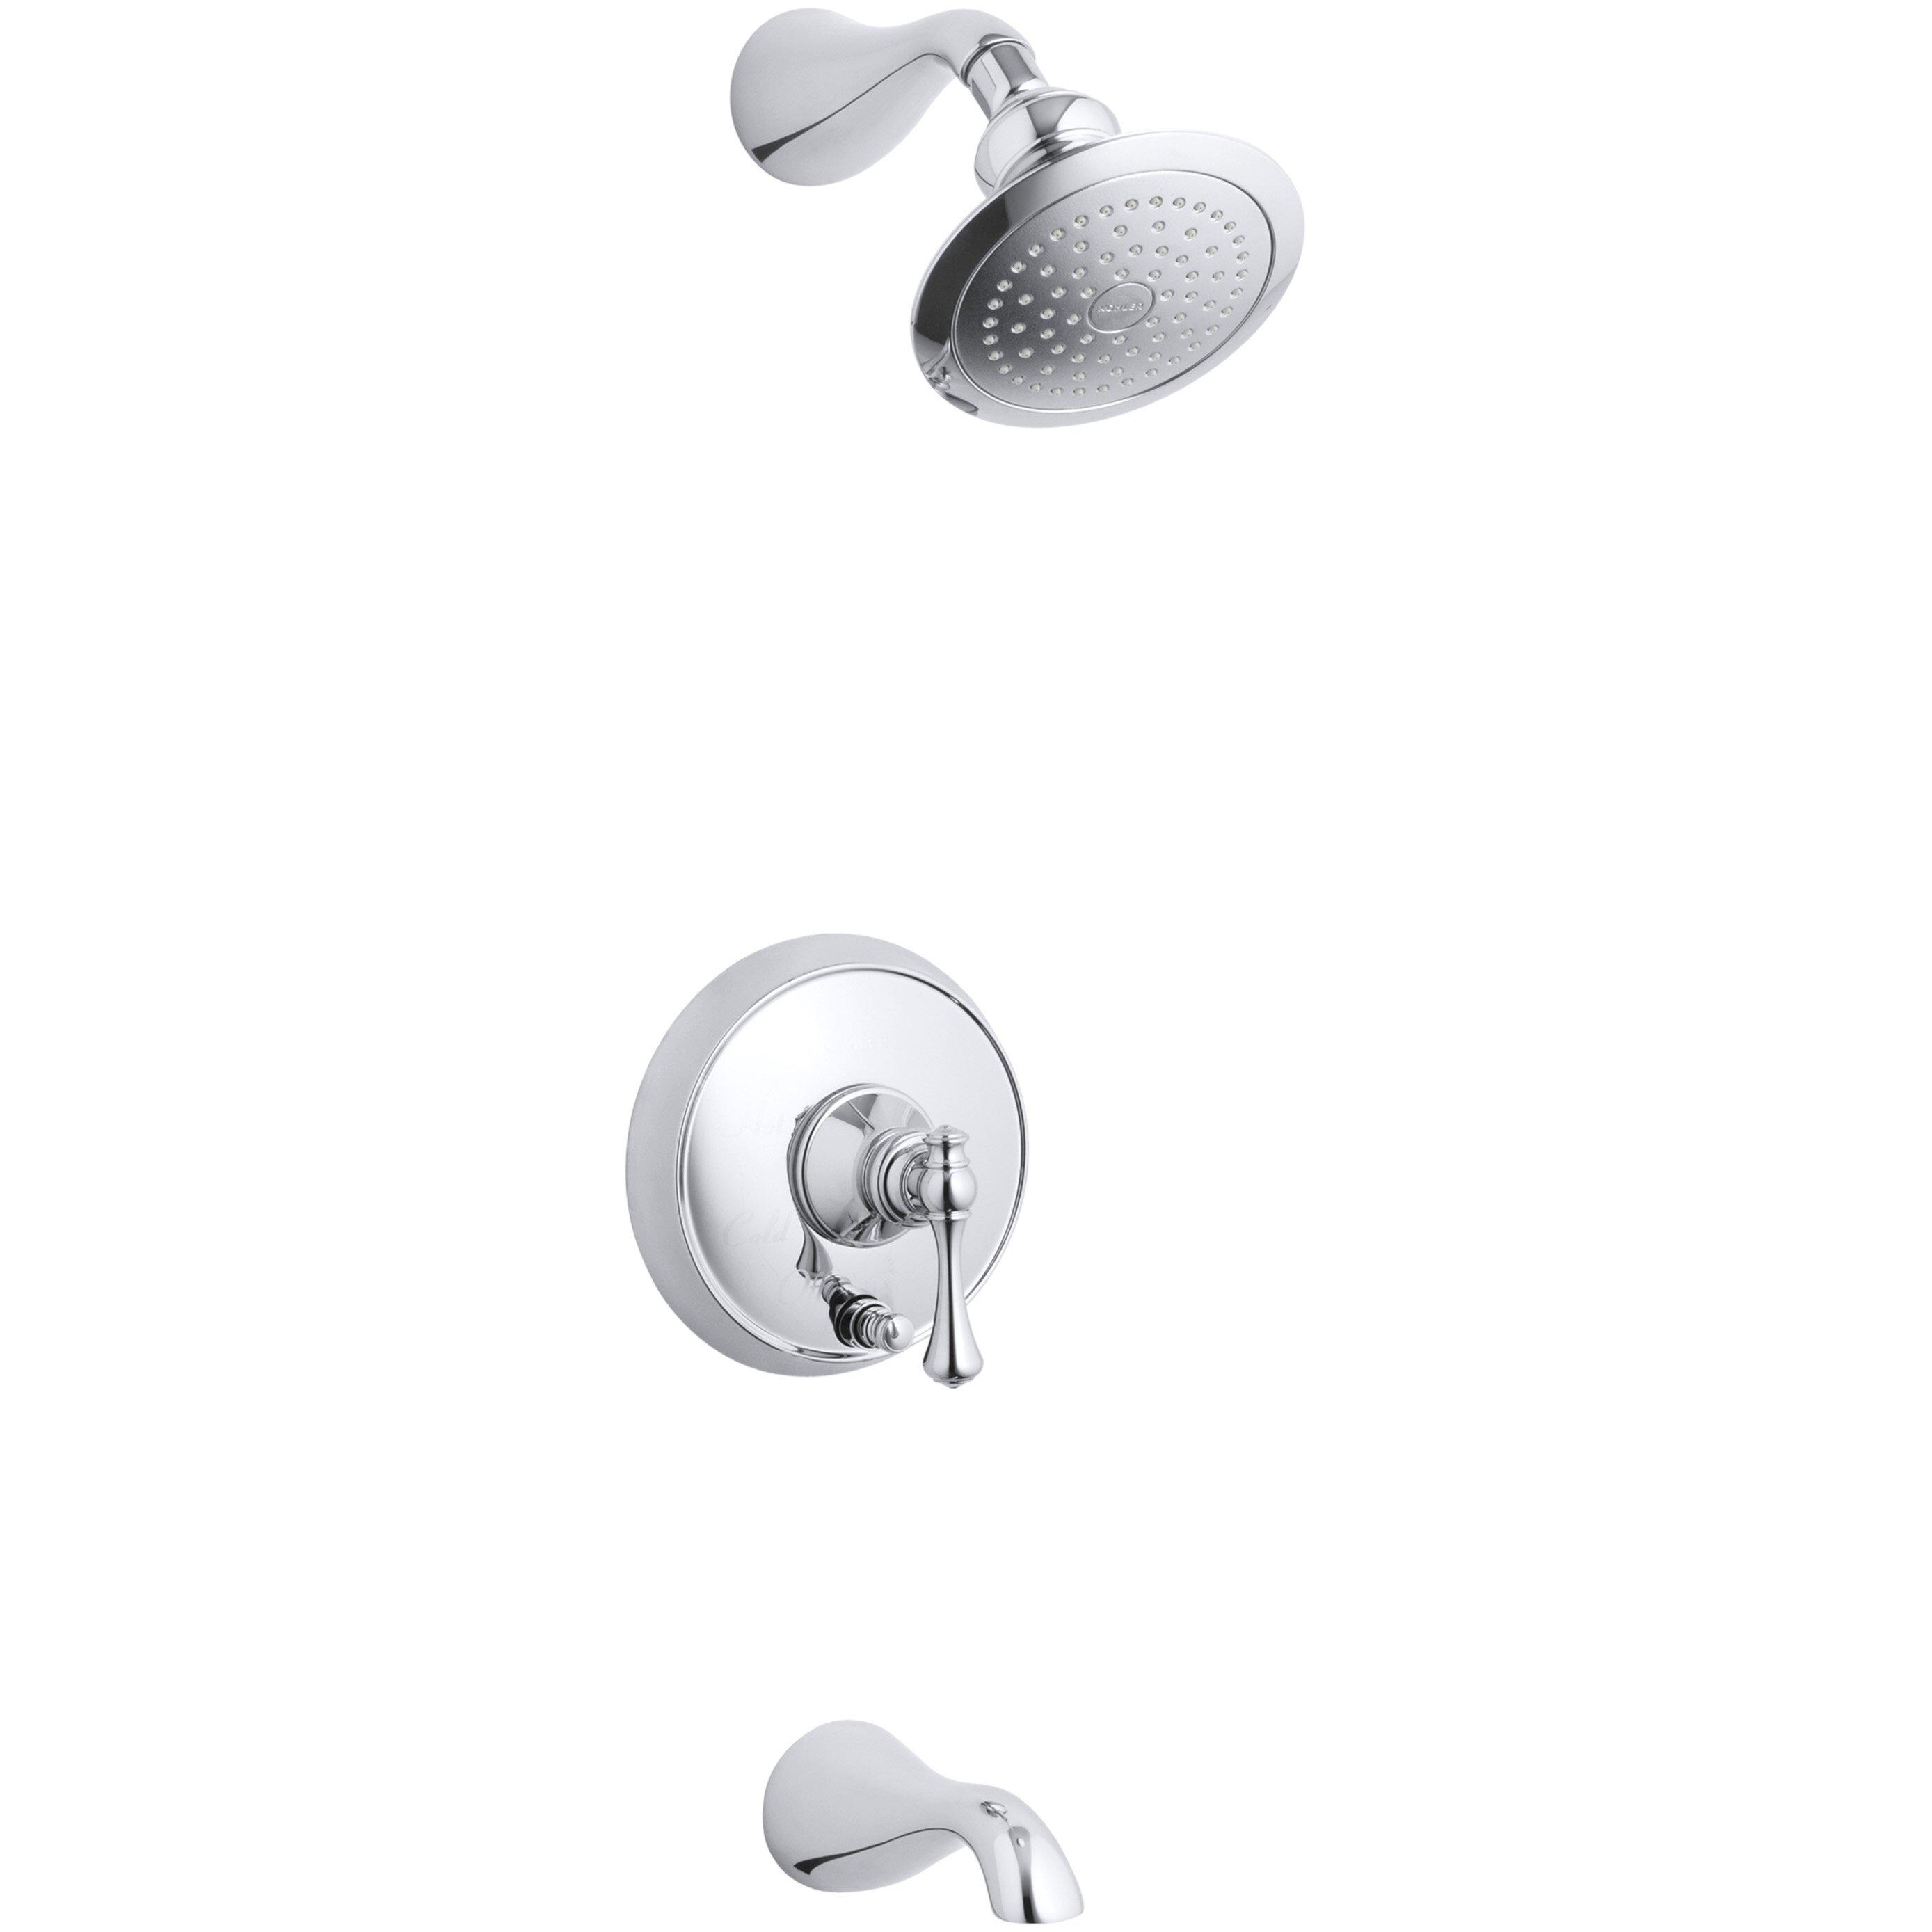 Kohler Revival Rite-Temp Pressure-Balancing Bath and Shower Faucet ... - Kohler Revival Rite-Temp Pressure-Balancing Bath and Shower Faucet Trim  with Push-